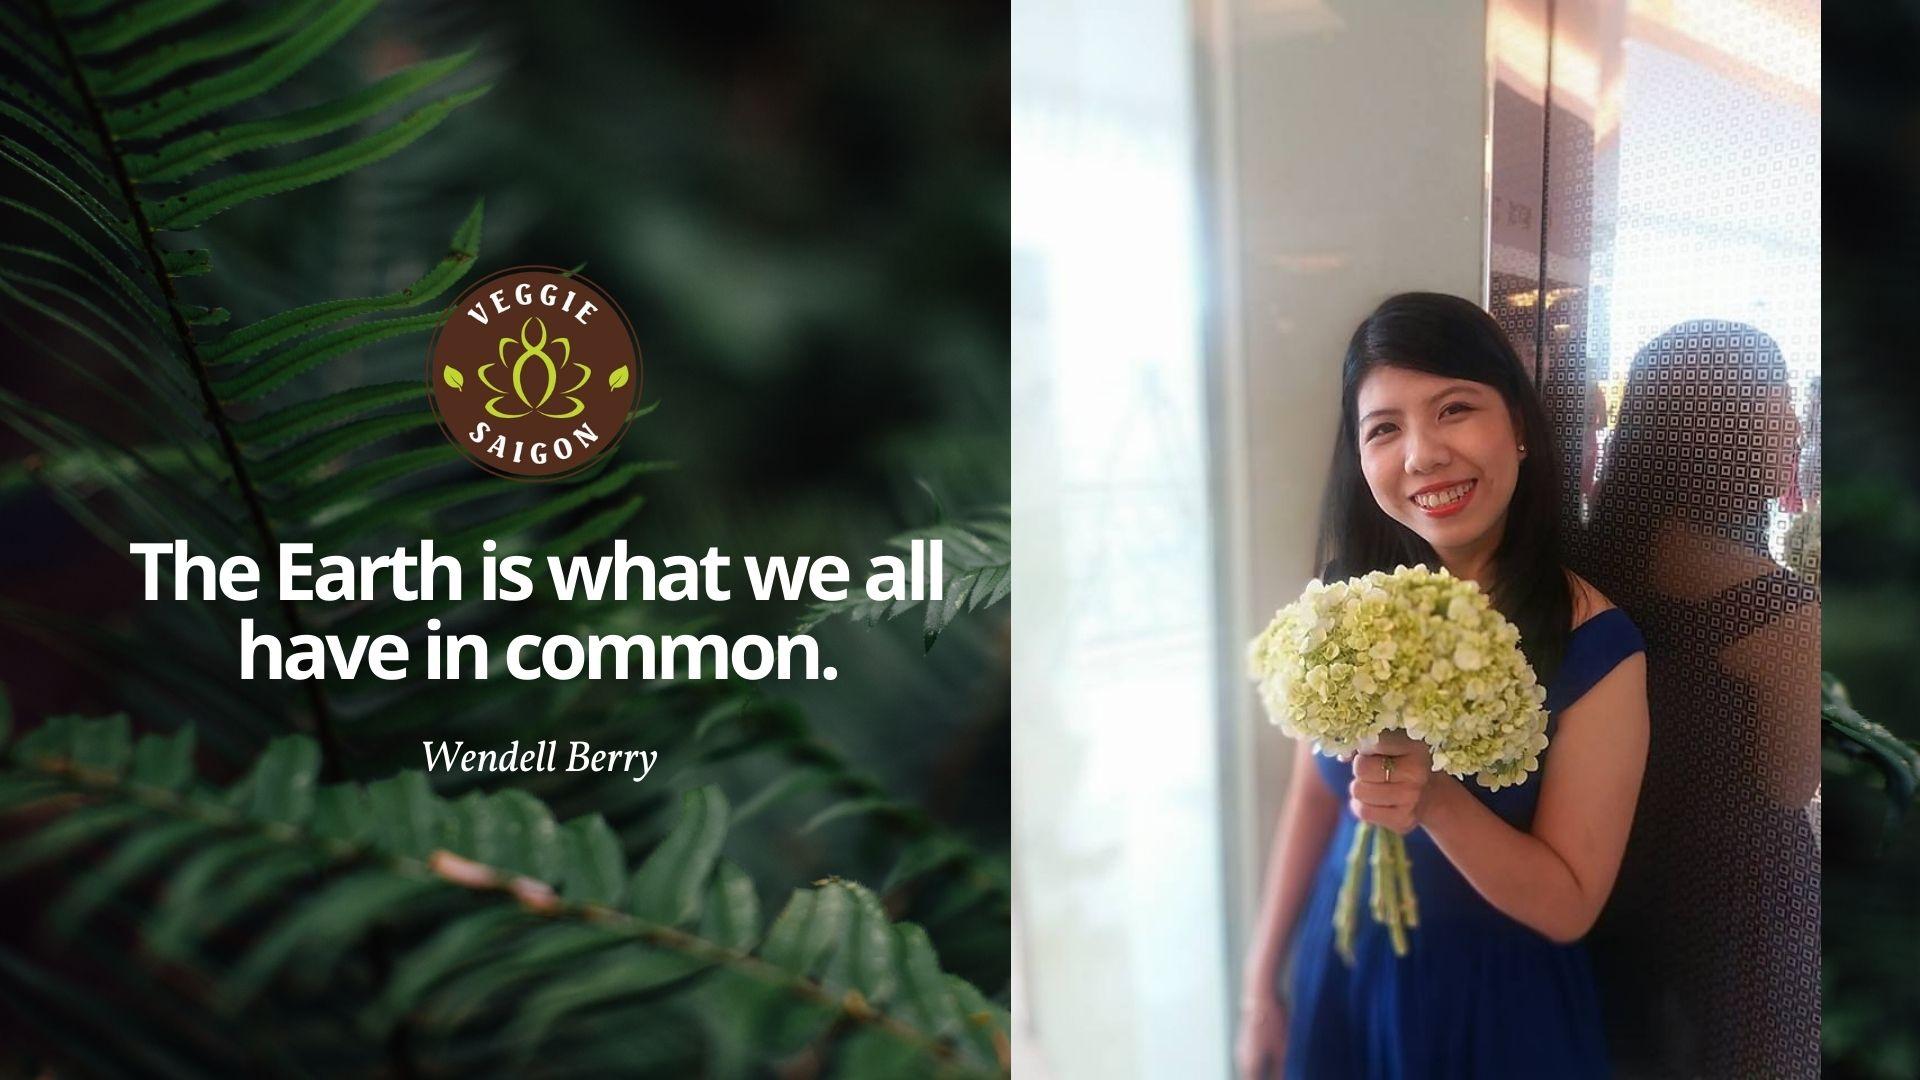 Chân dung lãnh đạo Veggie Saigon - Bà Huỳnh Thị Ngọc Duyên